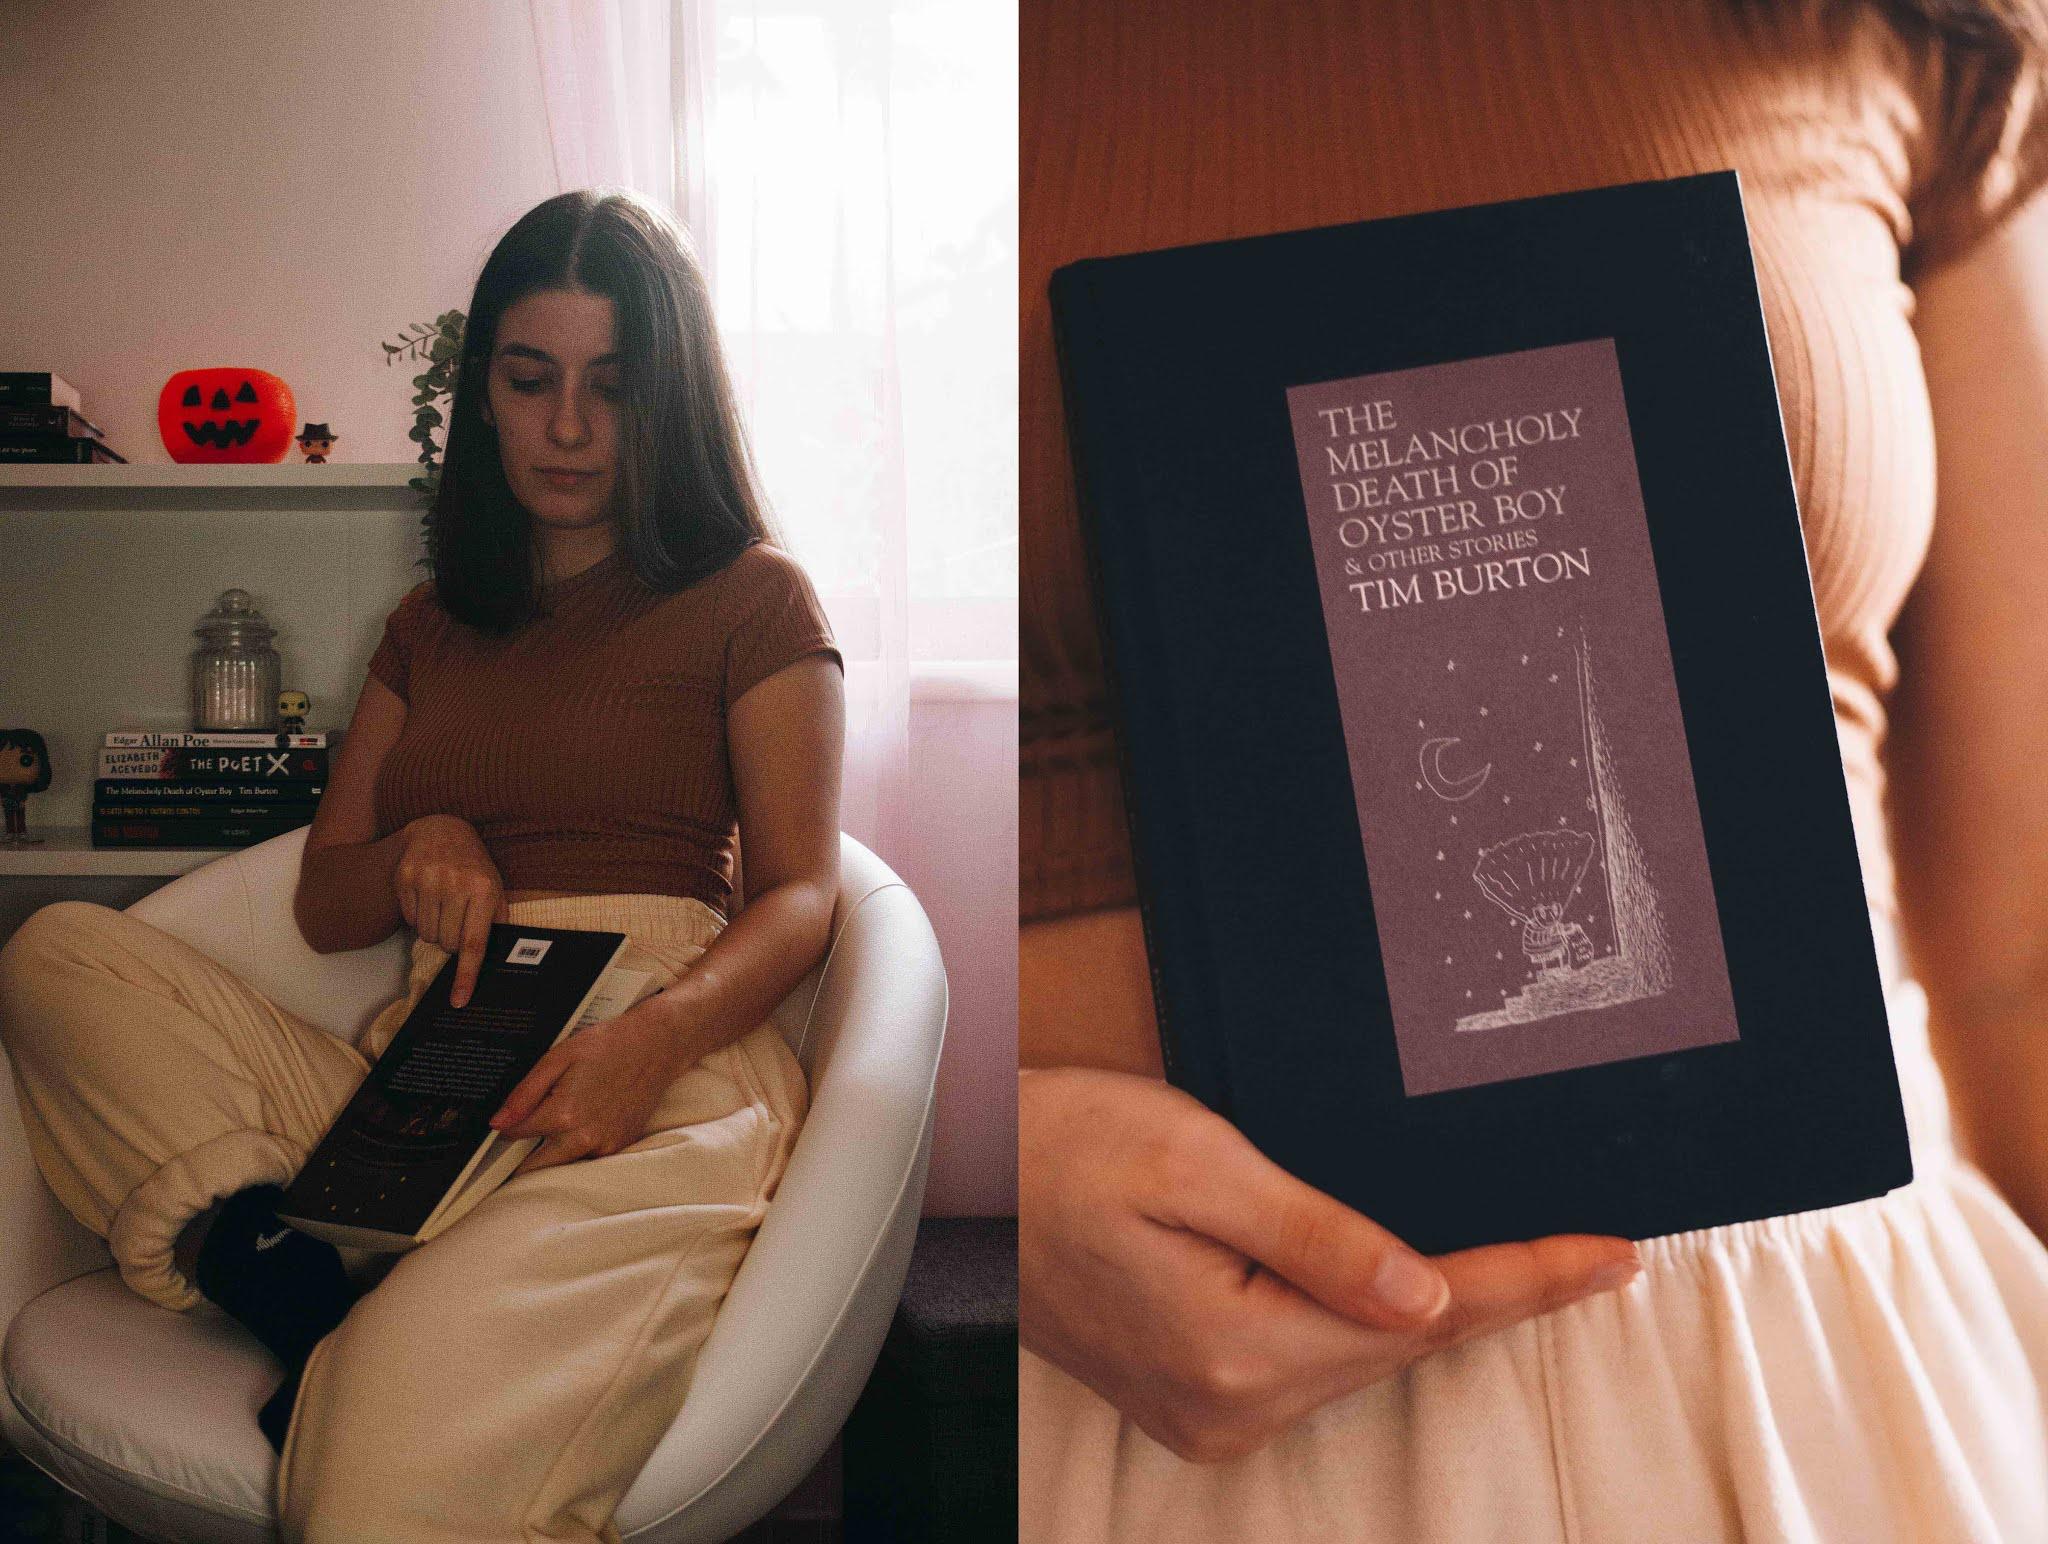 """Livros em segunda mão em inglês  Este mês fiz uma excelente descoberta relacionada com livros em segunda mão (btw, talvez seja interessante fazer um post só sobre o assunto? Onde compro em segunda mão, etc). Conheci a AwesomeBooks, uma loja do UK com global shipping (apenas £2,99) que vende milhões e milhões de livros previamente usados a preços INCRÍVEIS. """"The Melancholy Death of Oyster Boy"""" é o exemplo perfeito — tem capa dura, aparenta estar novo, e custou apenas 2,25 €."""